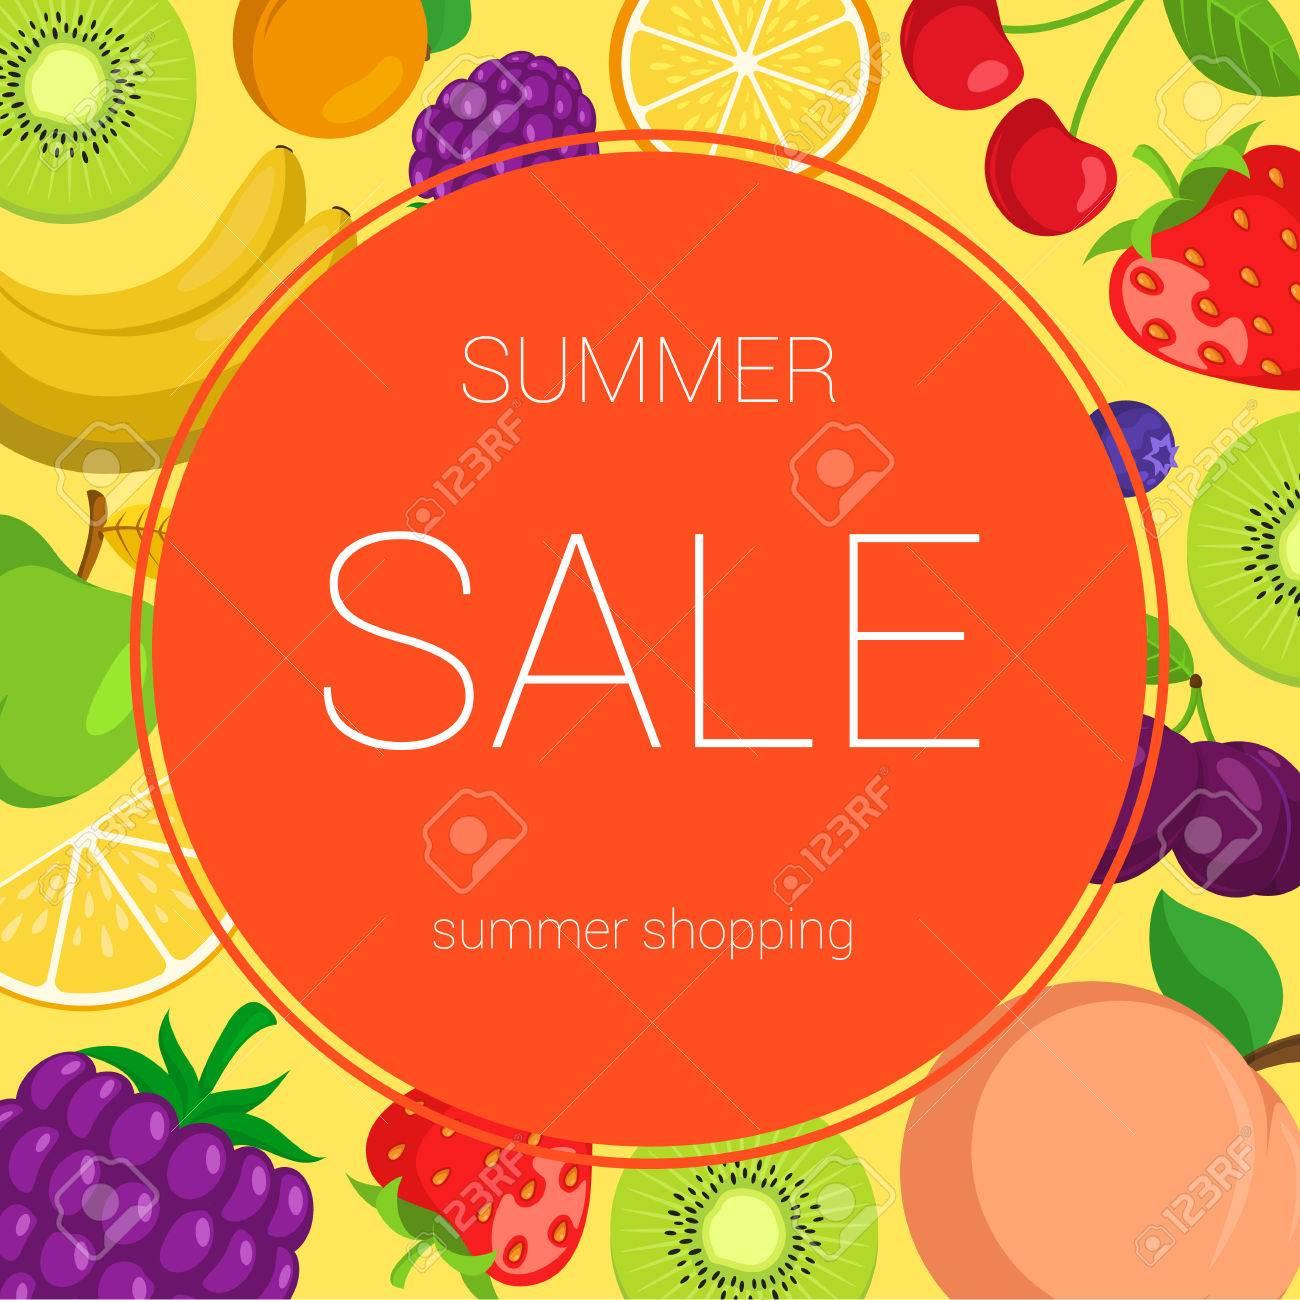 夏の果物とベリーはベクトル イラストですデザイン テンプレートを編集